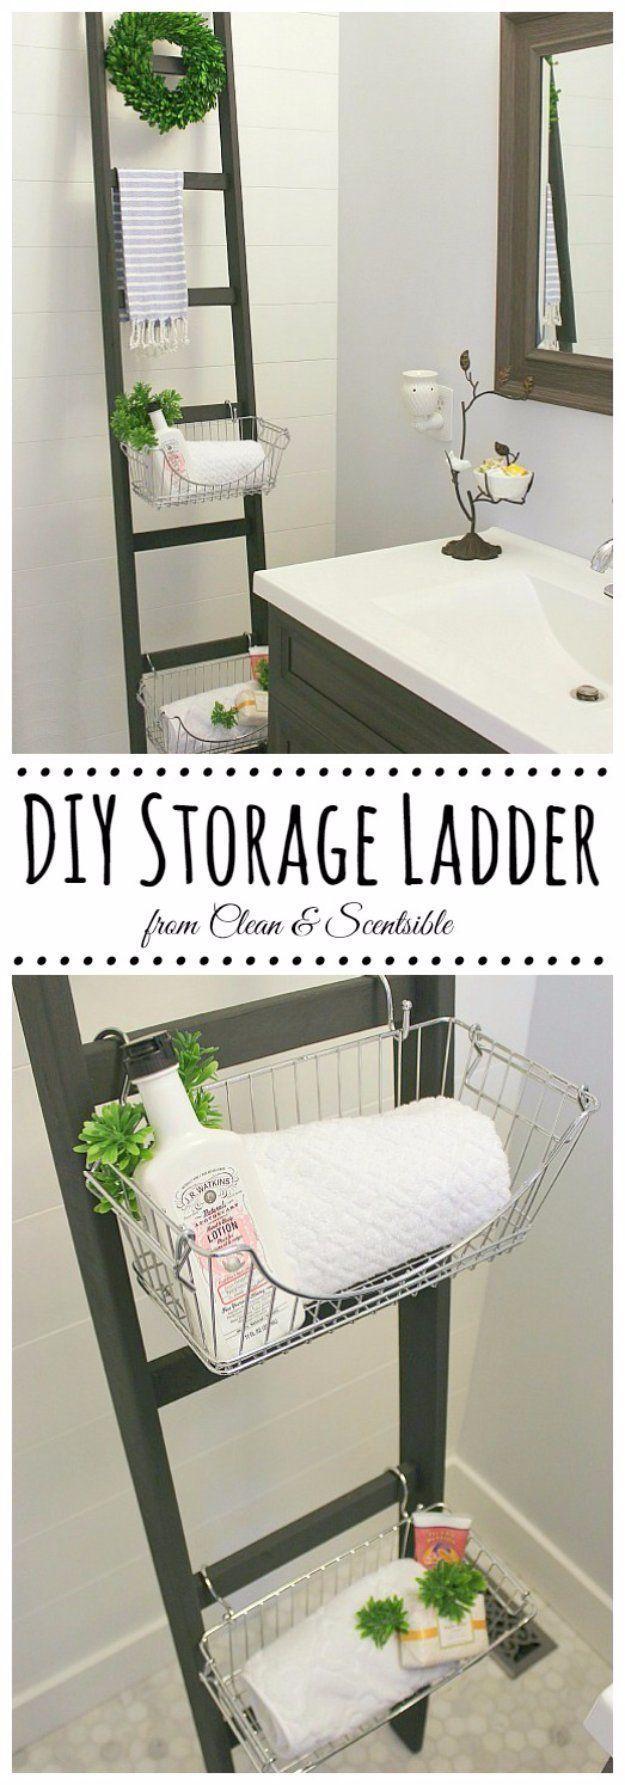 DIY Badezimmer-Dekor-Ideen – DIY Badezimmer-Speicher-Leiter – kühlen Sie es selbst ab